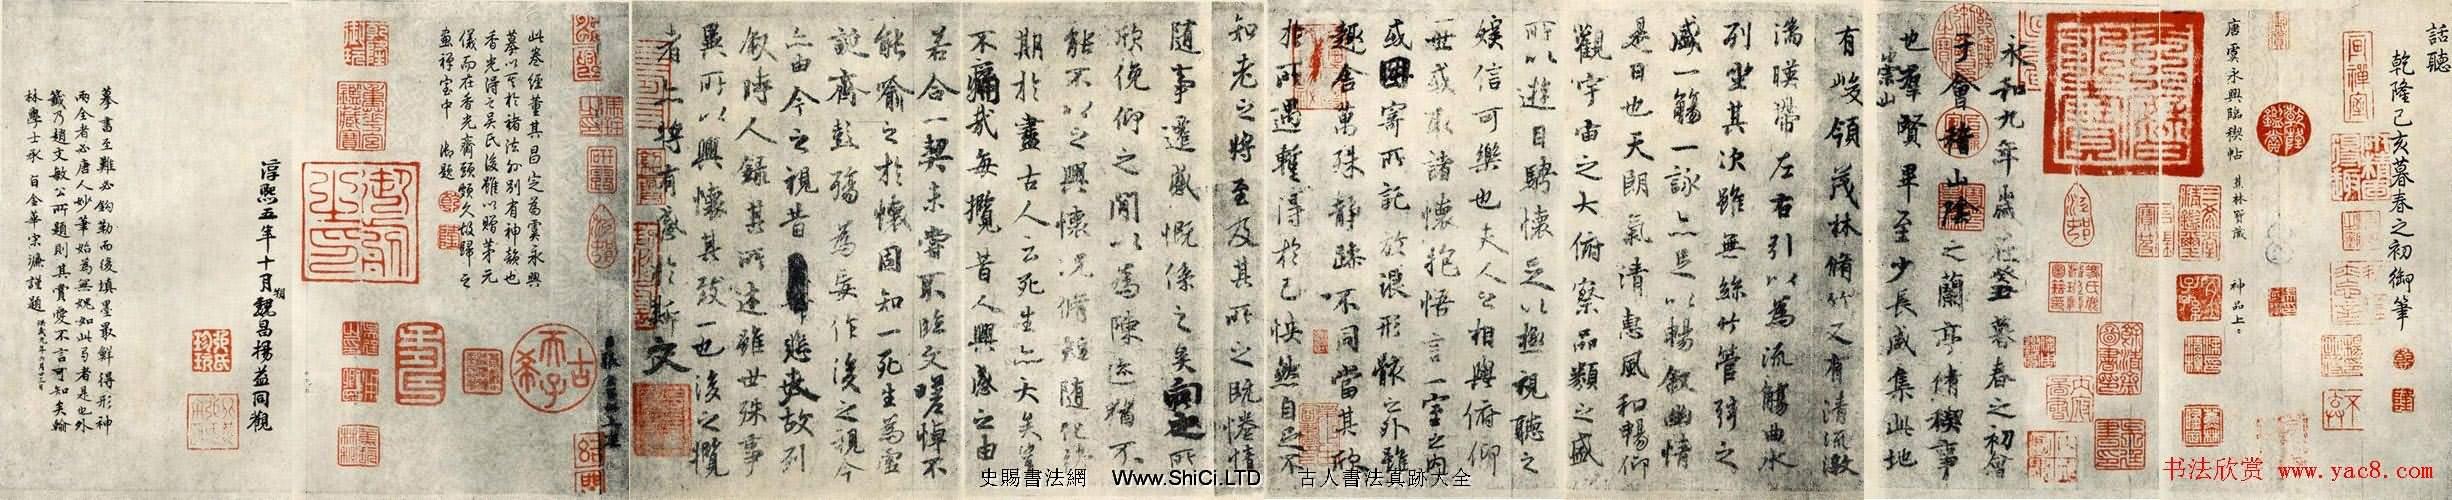 虞世南書法作品真跡欣賞臨《蘭亭序》(共7張圖片)